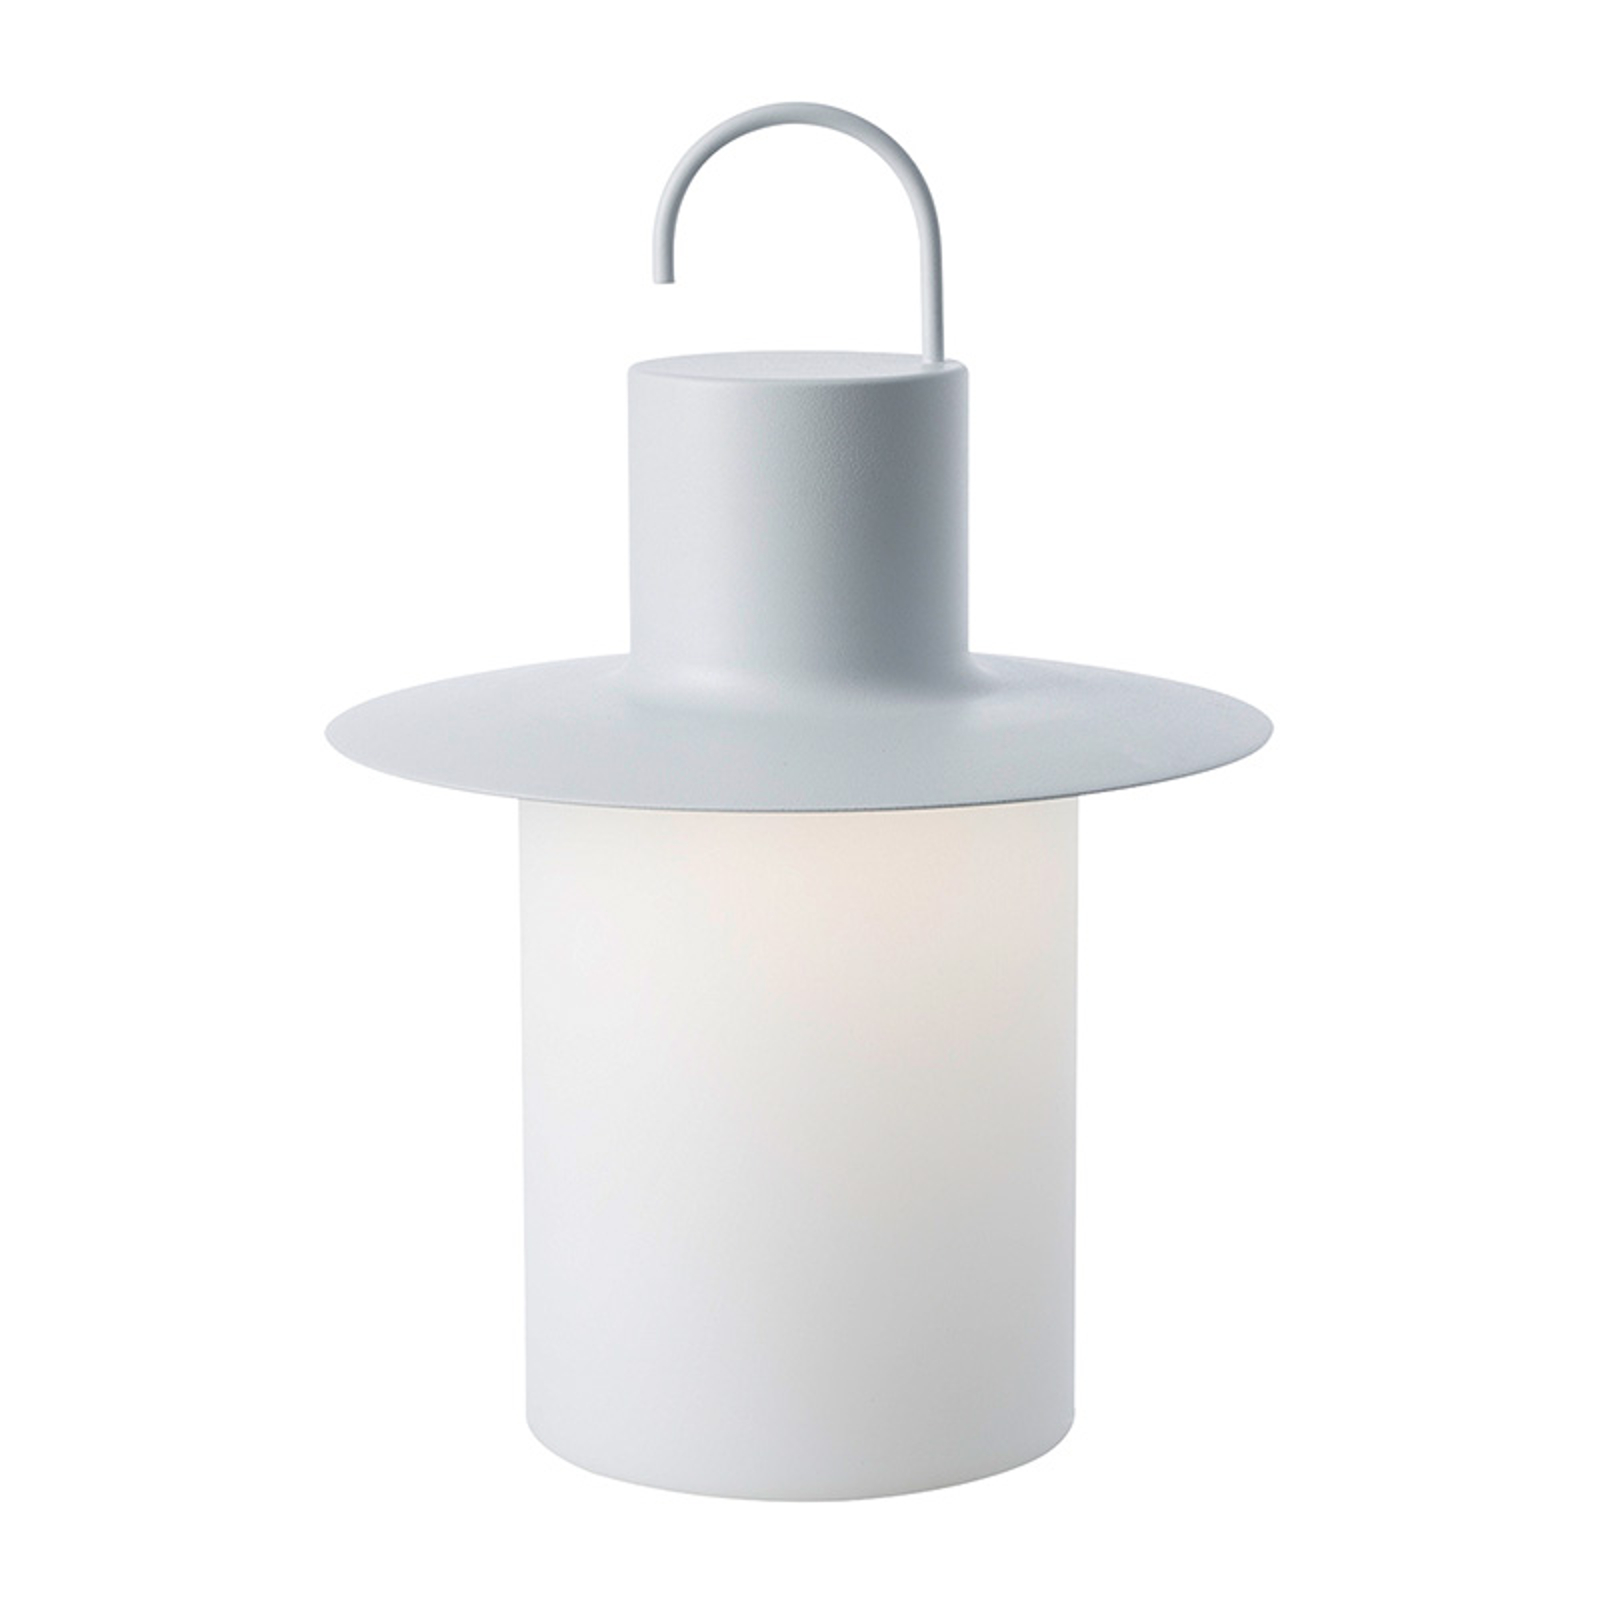 LED-Terrassenleuchte Nautic, ohne USB, weiß